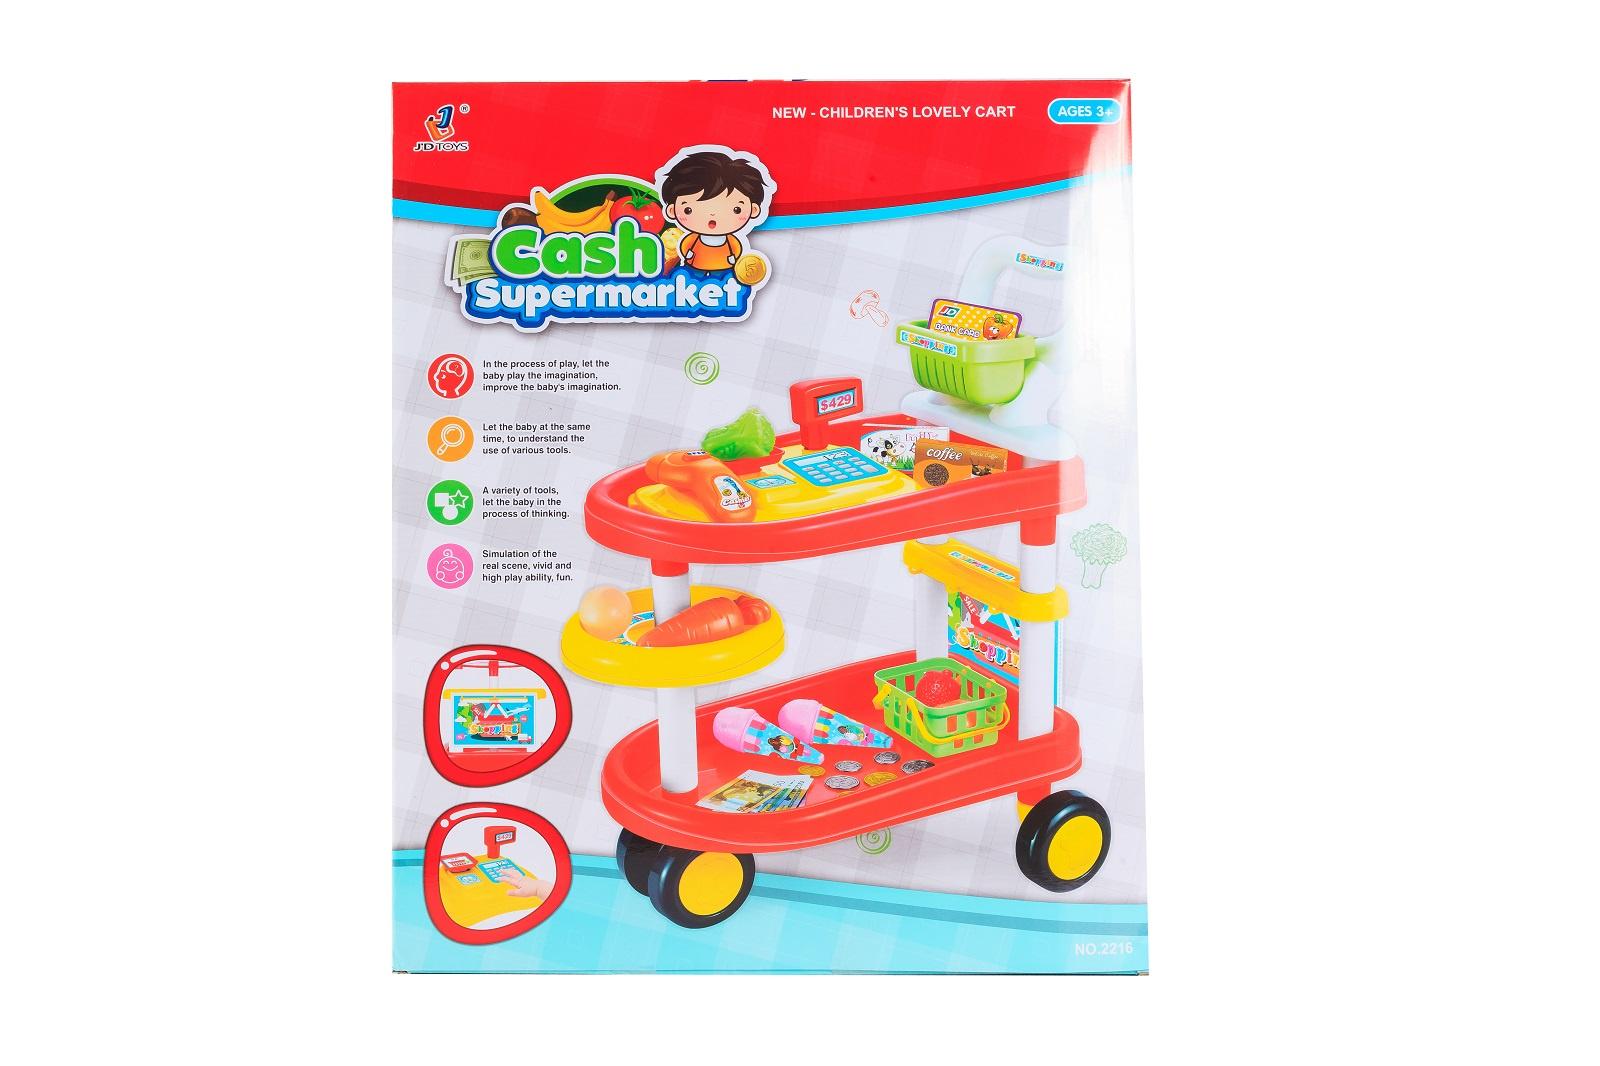 Игровой набор S+S Toys Супермаркет, с аксессуарами, 200101074 игровой набор s s toys мельница пингвин eq80019r не разлей вода